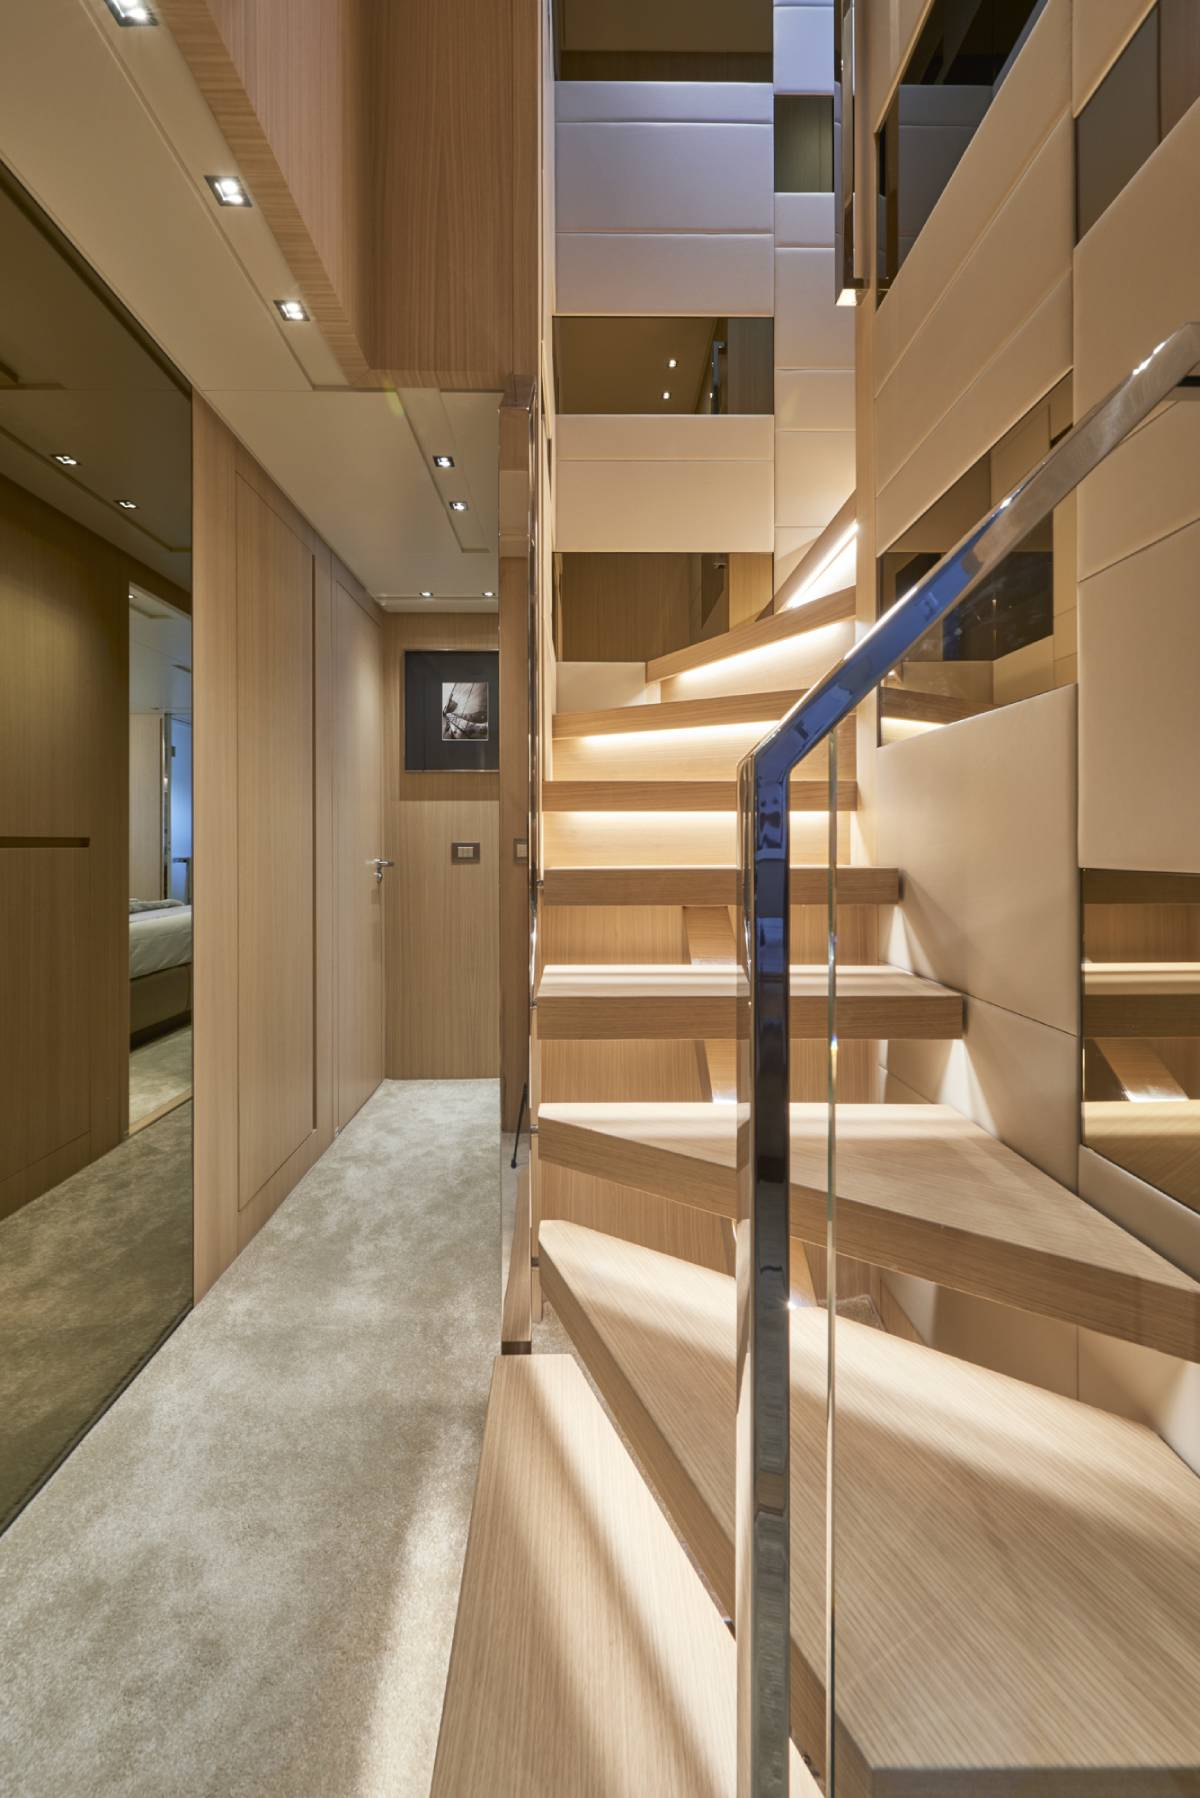 SL106.642_sanlorenzo_stairs